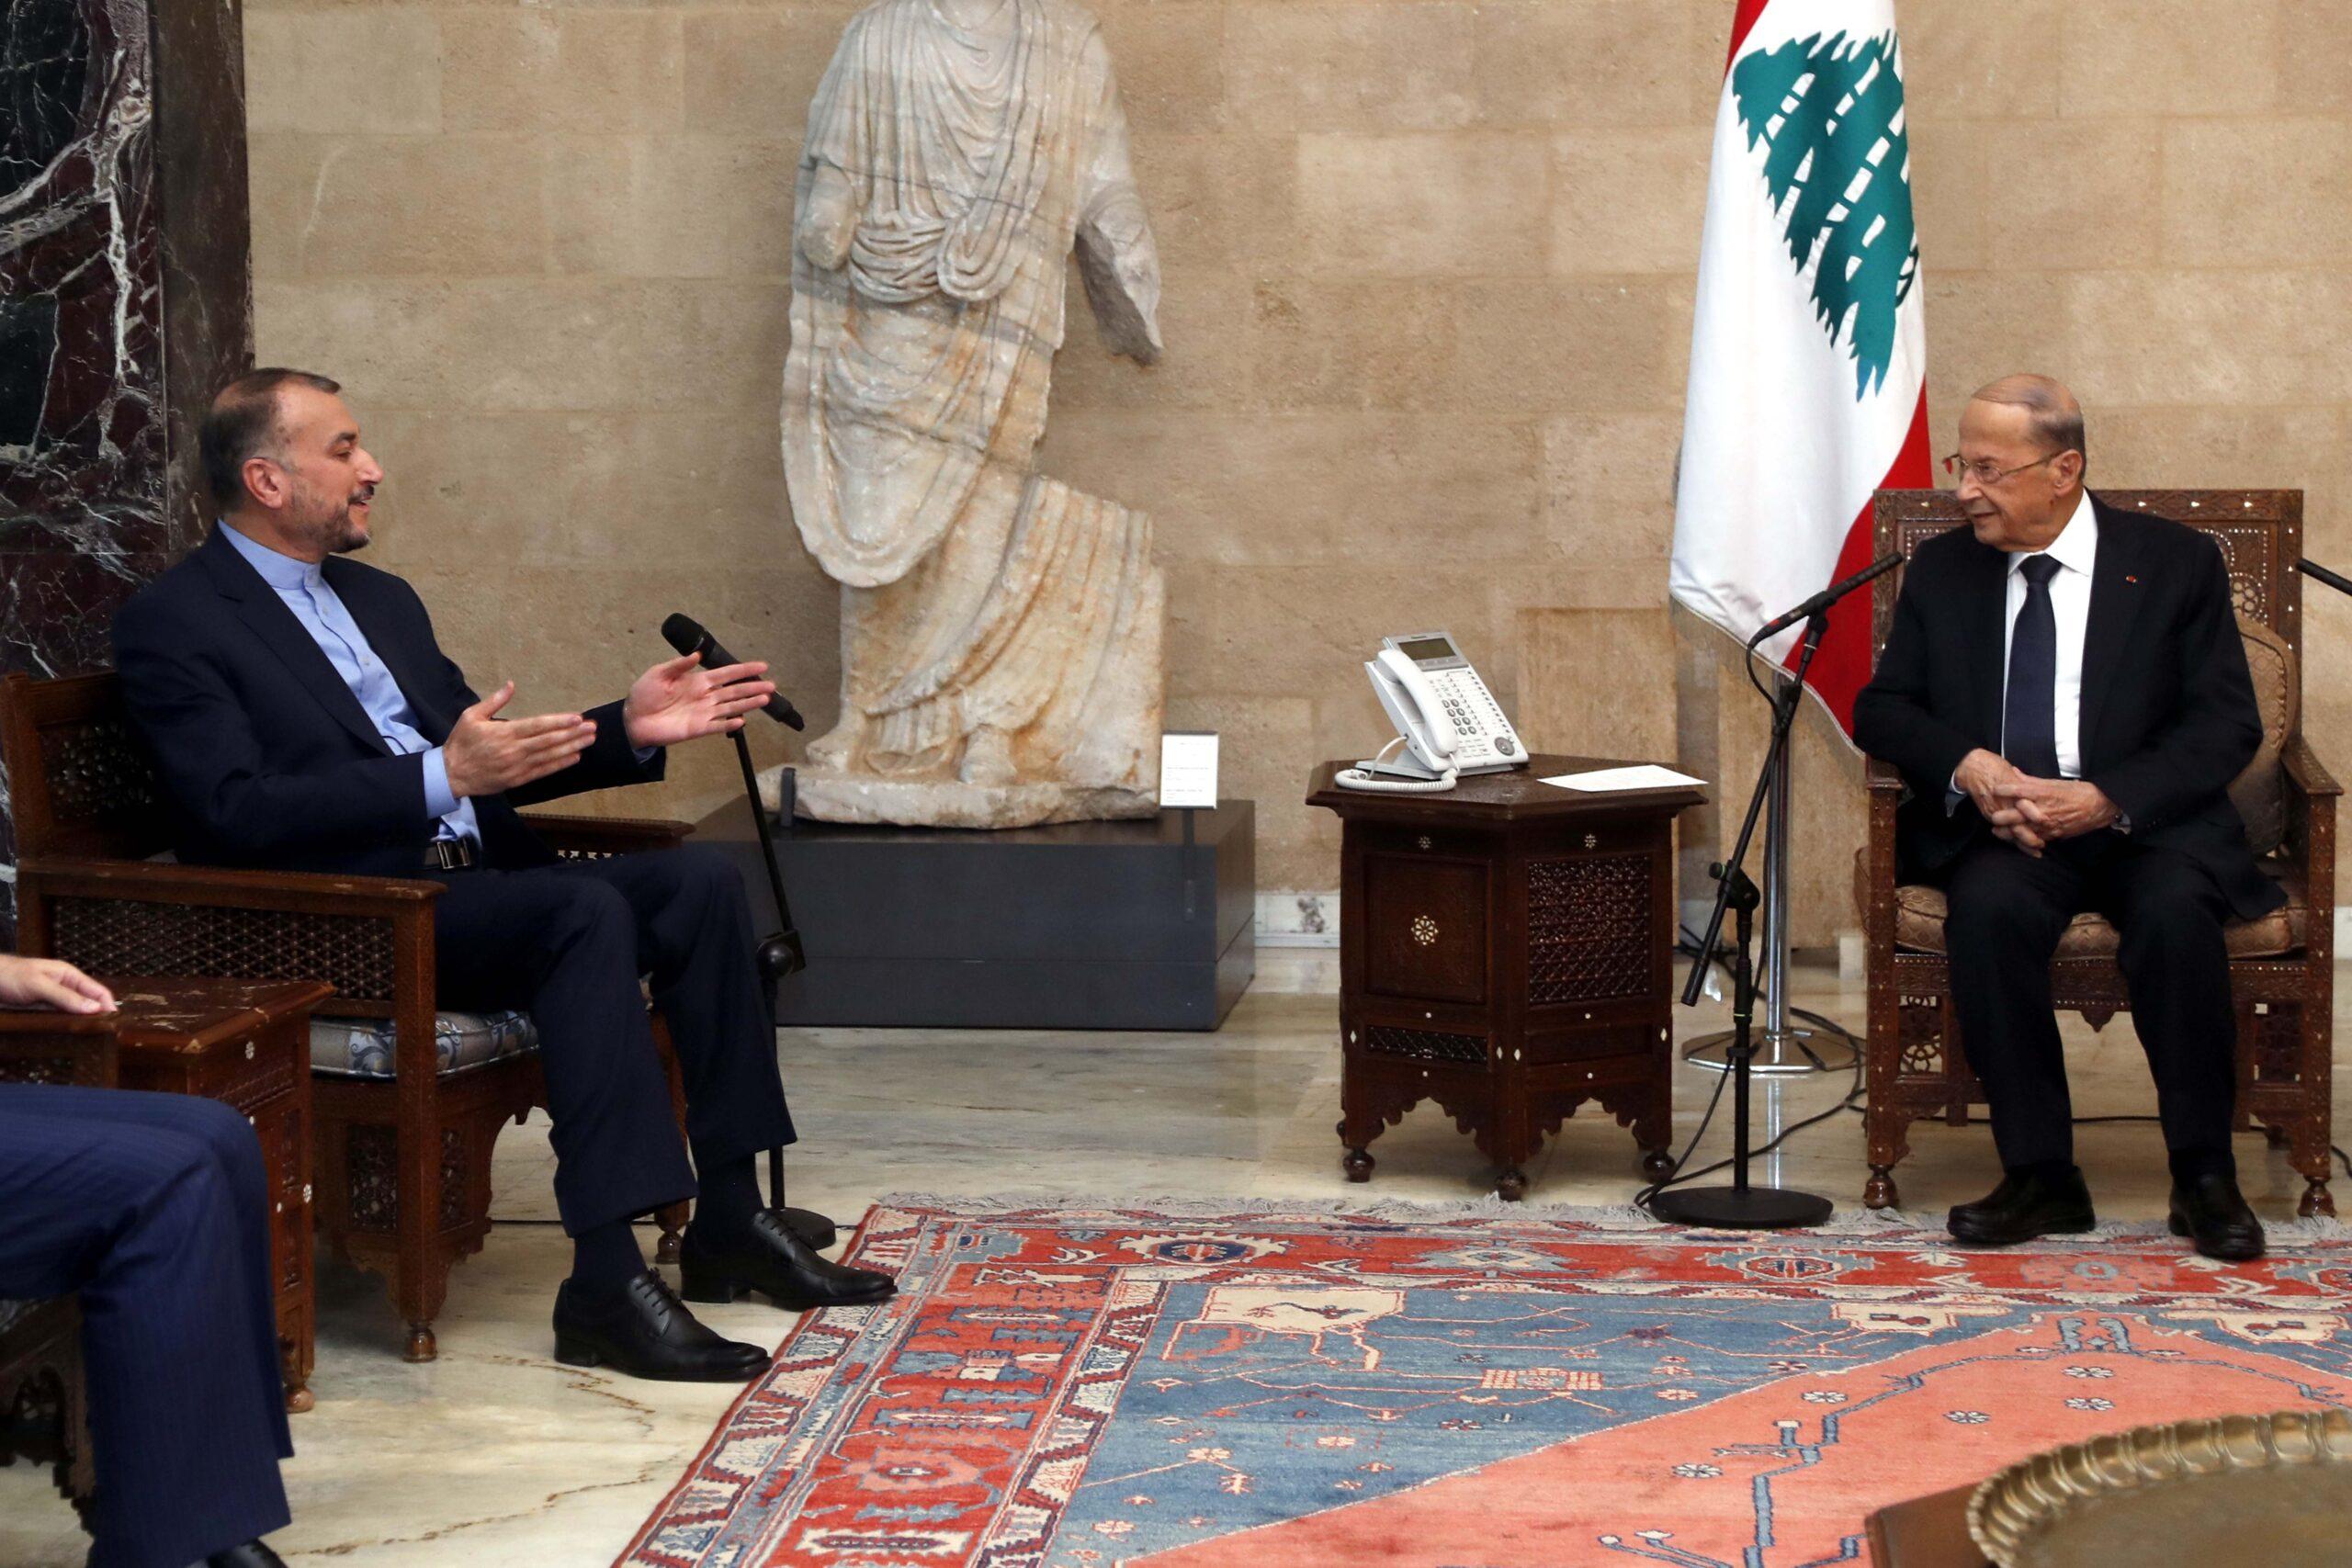 وزير خارجية ايران حسين أمير عبد اللهيان:  الشركات الايرانية مستعدّة لبناء معملين لانتاج الكهرباء في بيروت والجنوب واعادة بناء المرفأ